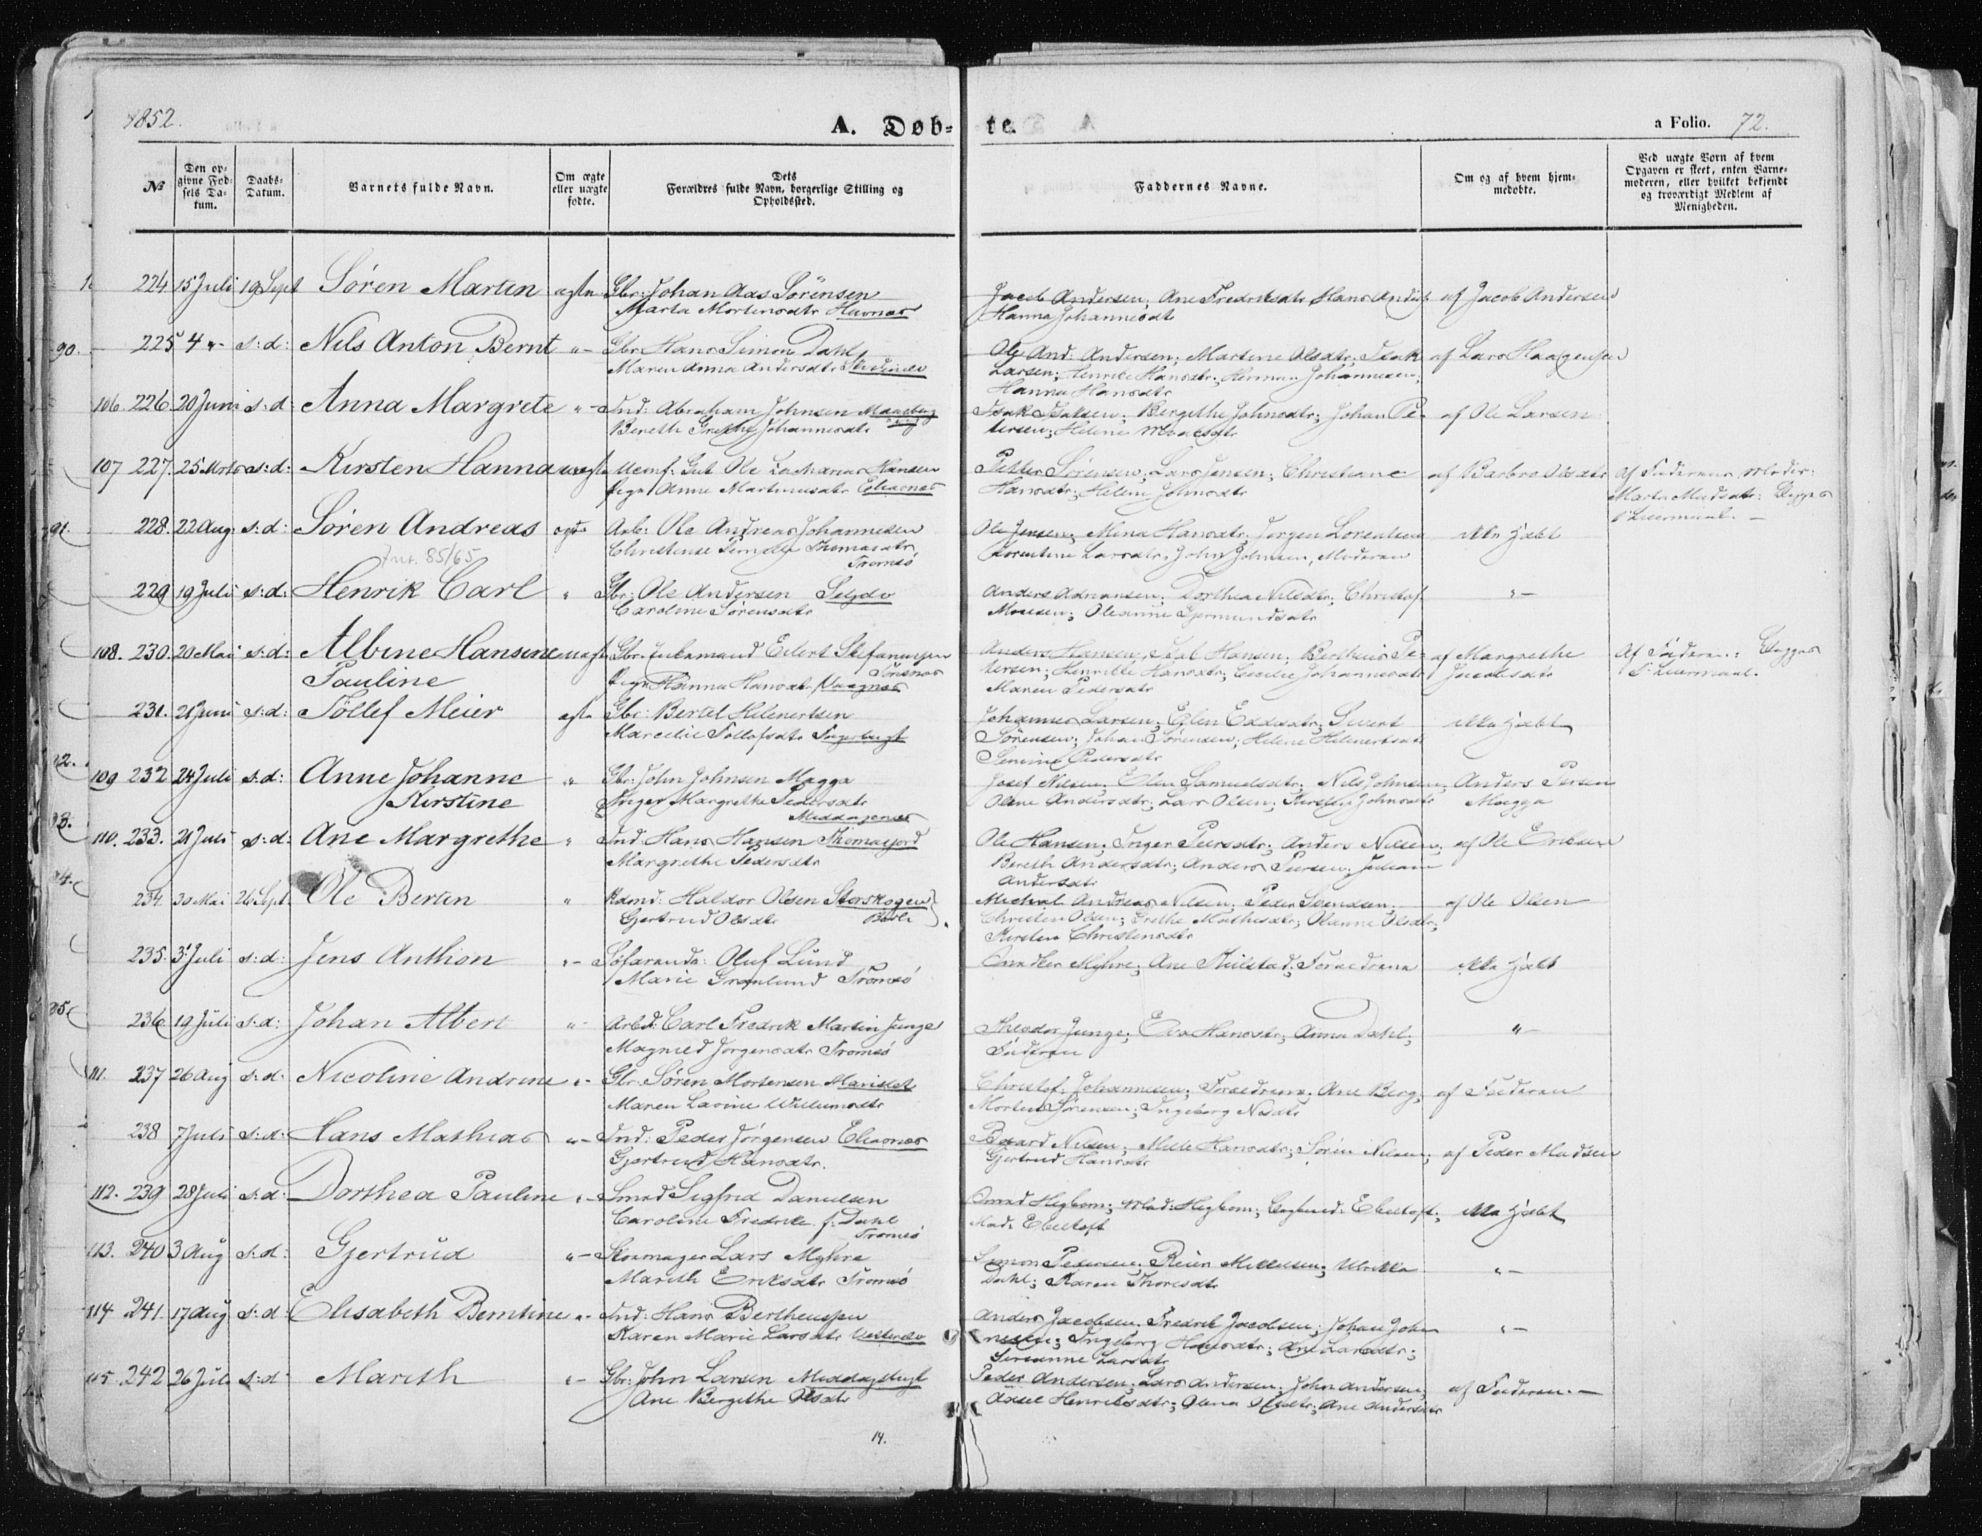 SATØ, Tromsø sokneprestkontor/stiftsprosti/domprosti, G/Ga/L0010kirke: Ministerialbok nr. 10, 1848-1855, s. 72